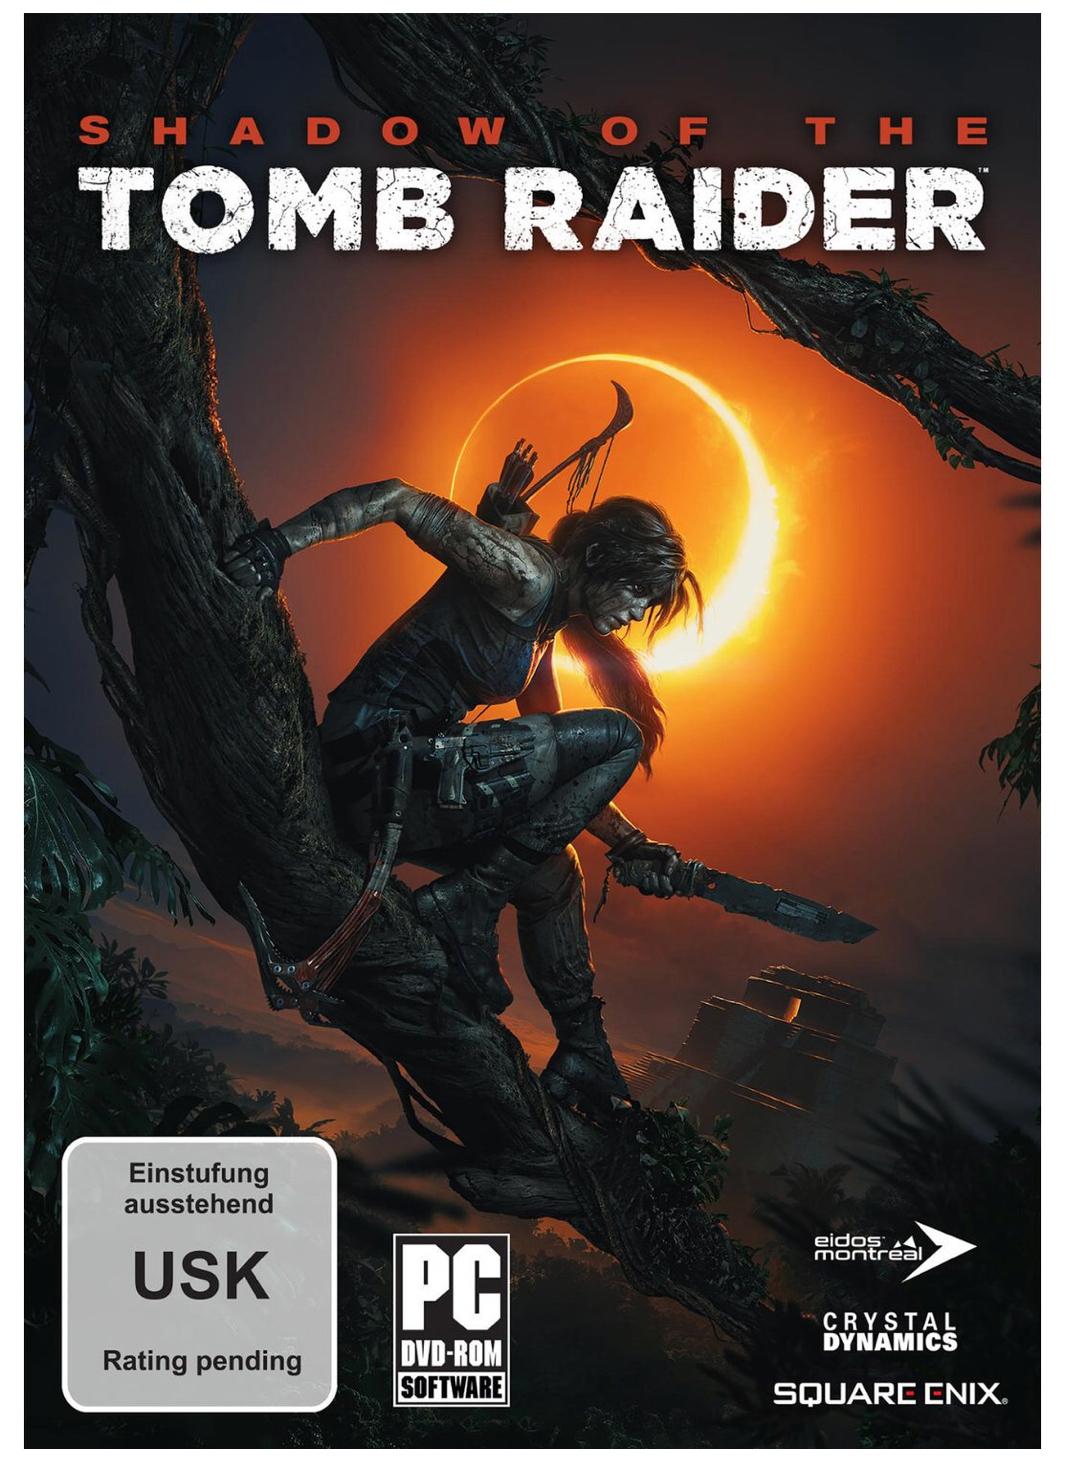 [digitalo] Shadow of the Tomb Raider PC für 45€ inkl. Versandkosten - erscheint am 14.09.2018